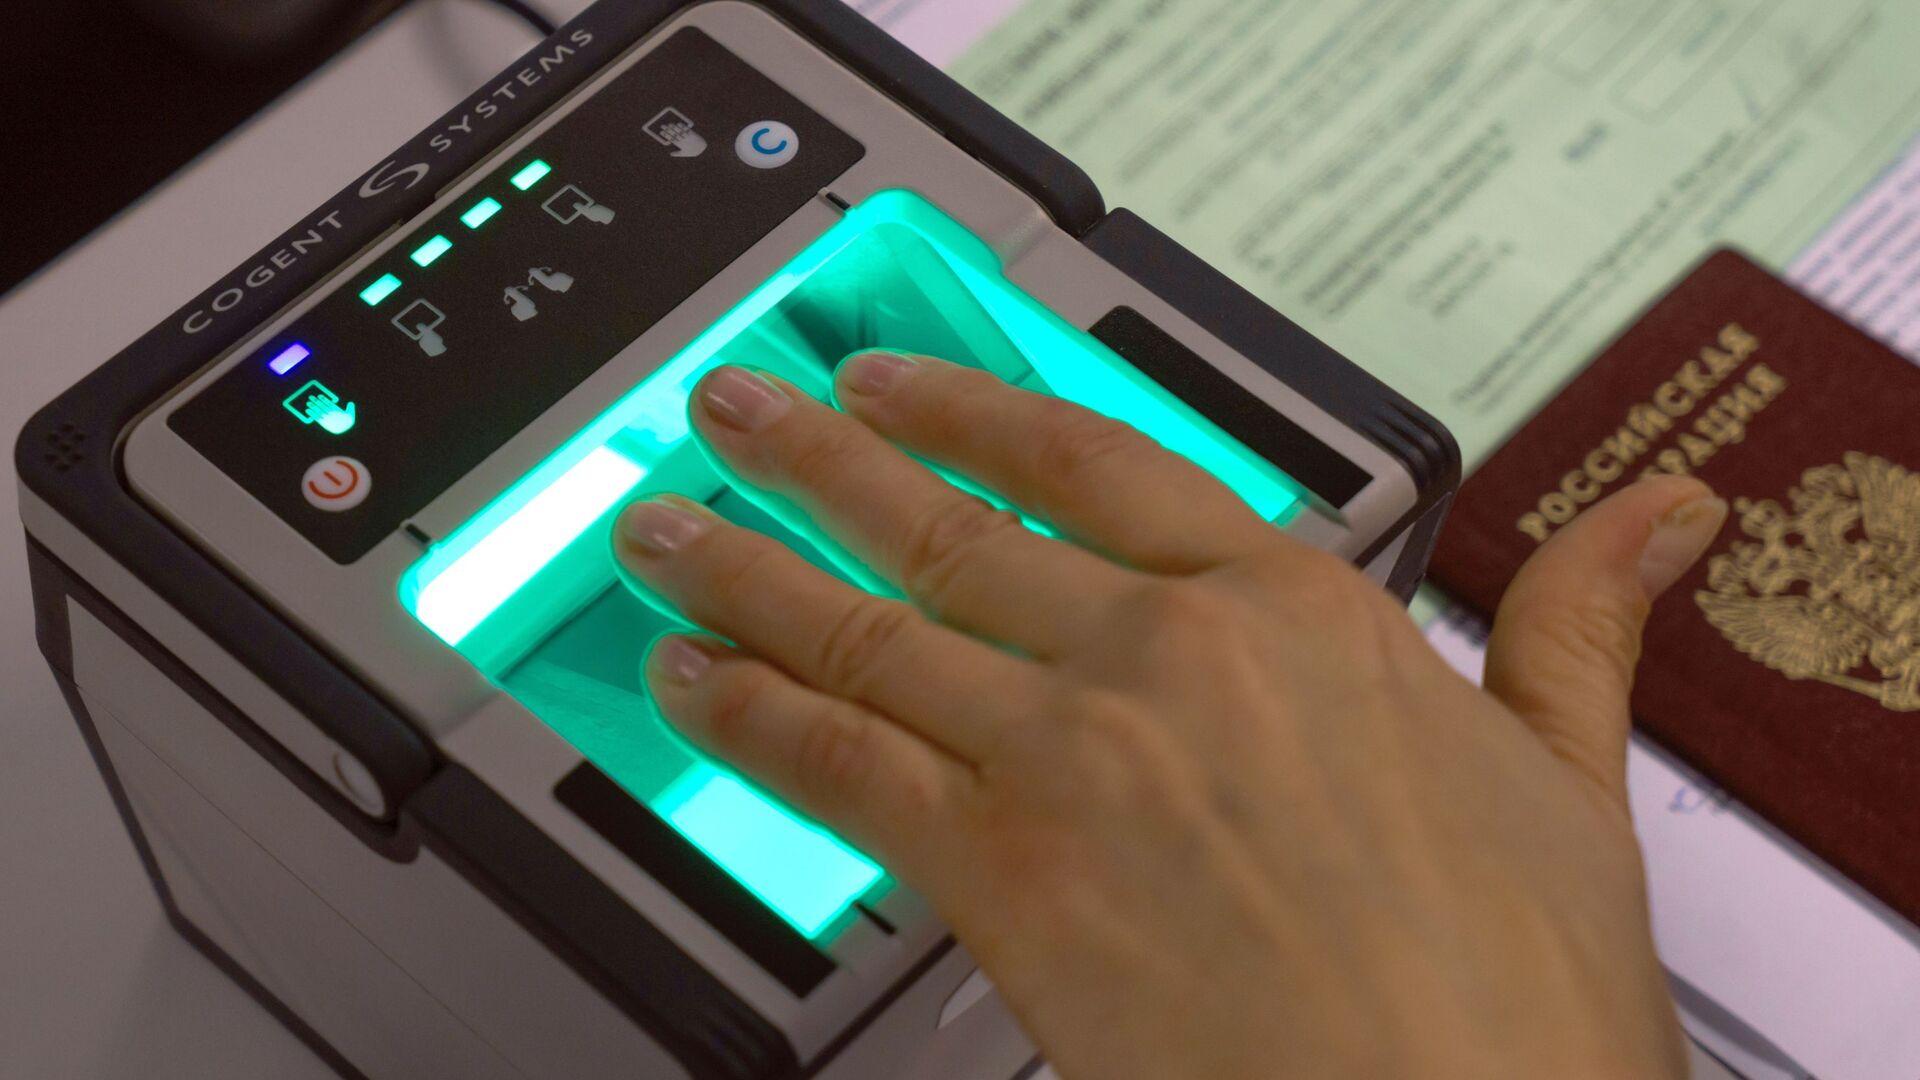 Демонстрация процедуры снятия биометрических данных в визовом центре Санкт-Петербурга - Sputnik Узбекистан, 1920, 10.09.2021